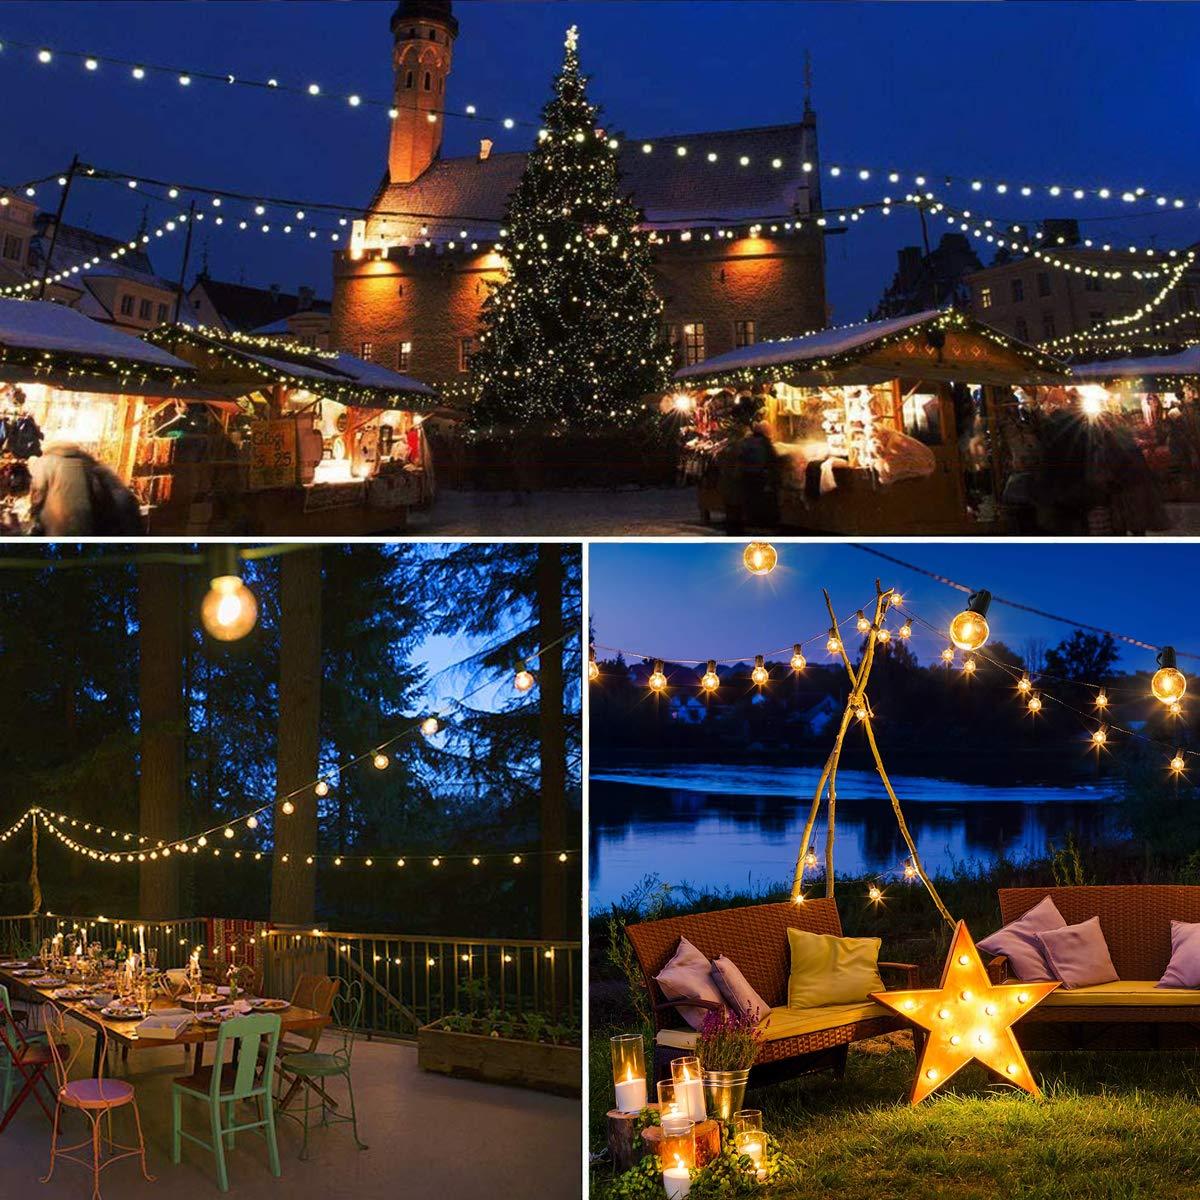 Cadena de bombillas exterior,VIFLYKOO Cadena de Luz Guirnaldas Luminosas de Exterior impermeables LED Bombillas Guirnalda Luces Exterior para Jard/ín Patio fiesta de bodas Navidad Blanco c/álido